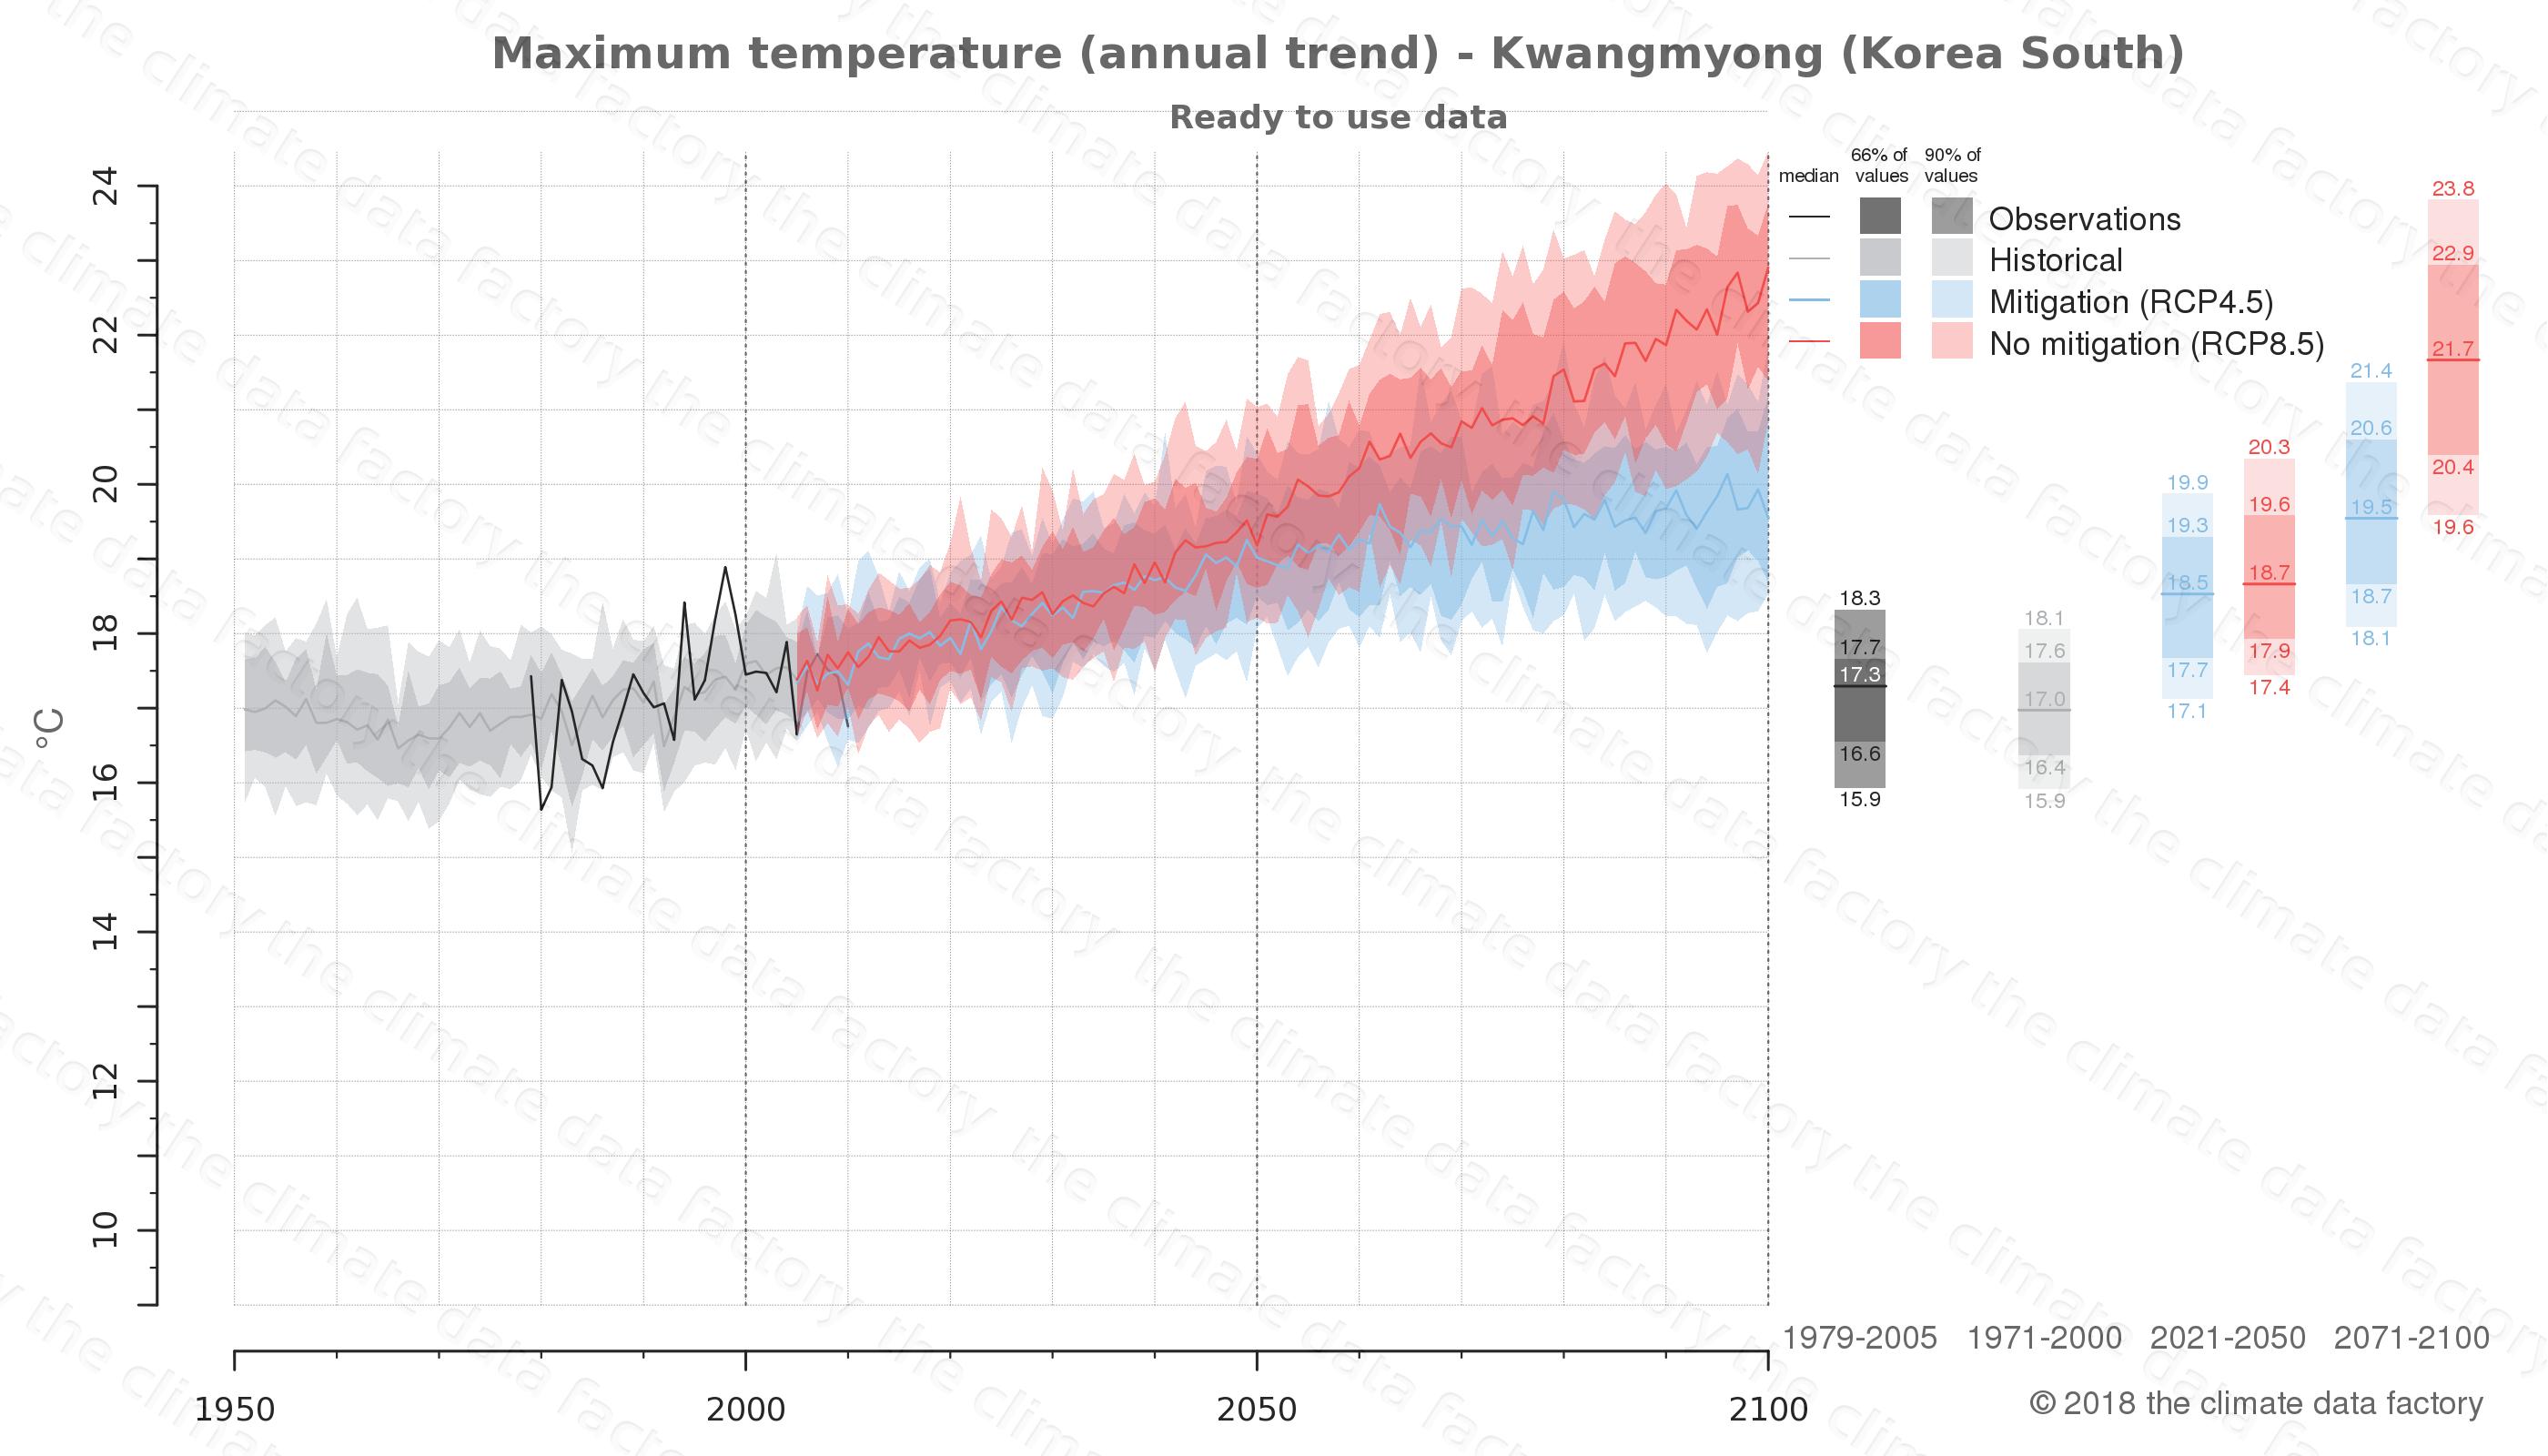 climate change data policy adaptation climate graph city data maximum-temperature kwangmyong south korea